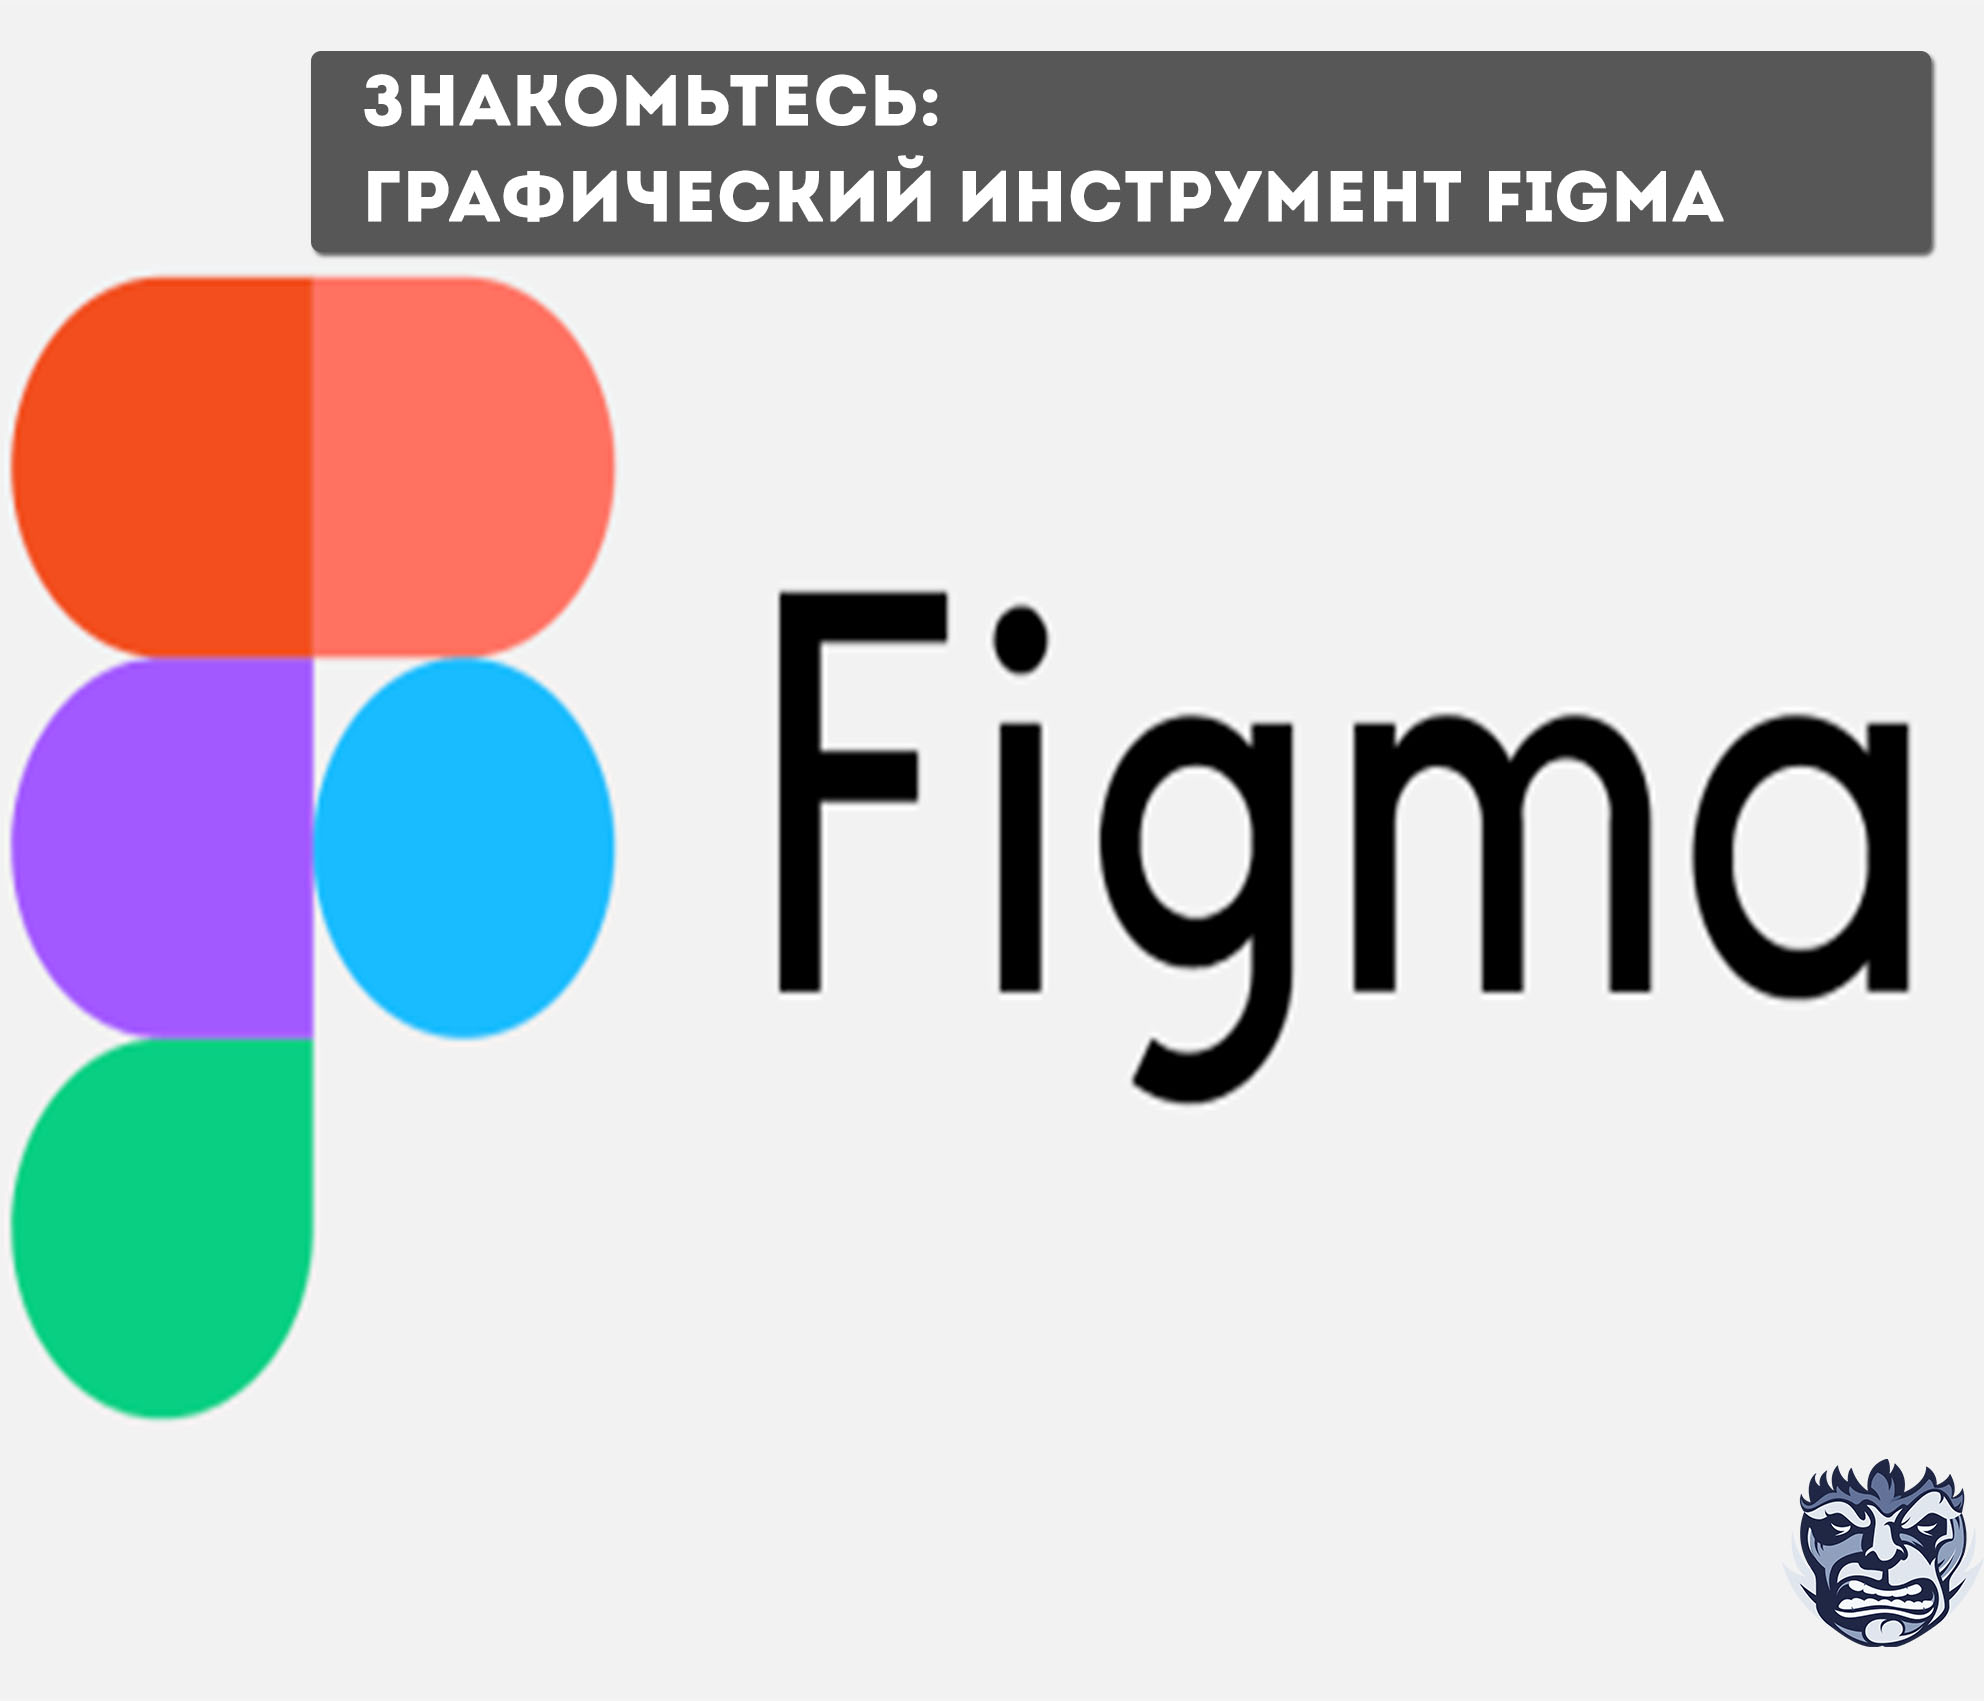 Знакомьтесь: графический инструмент Figma